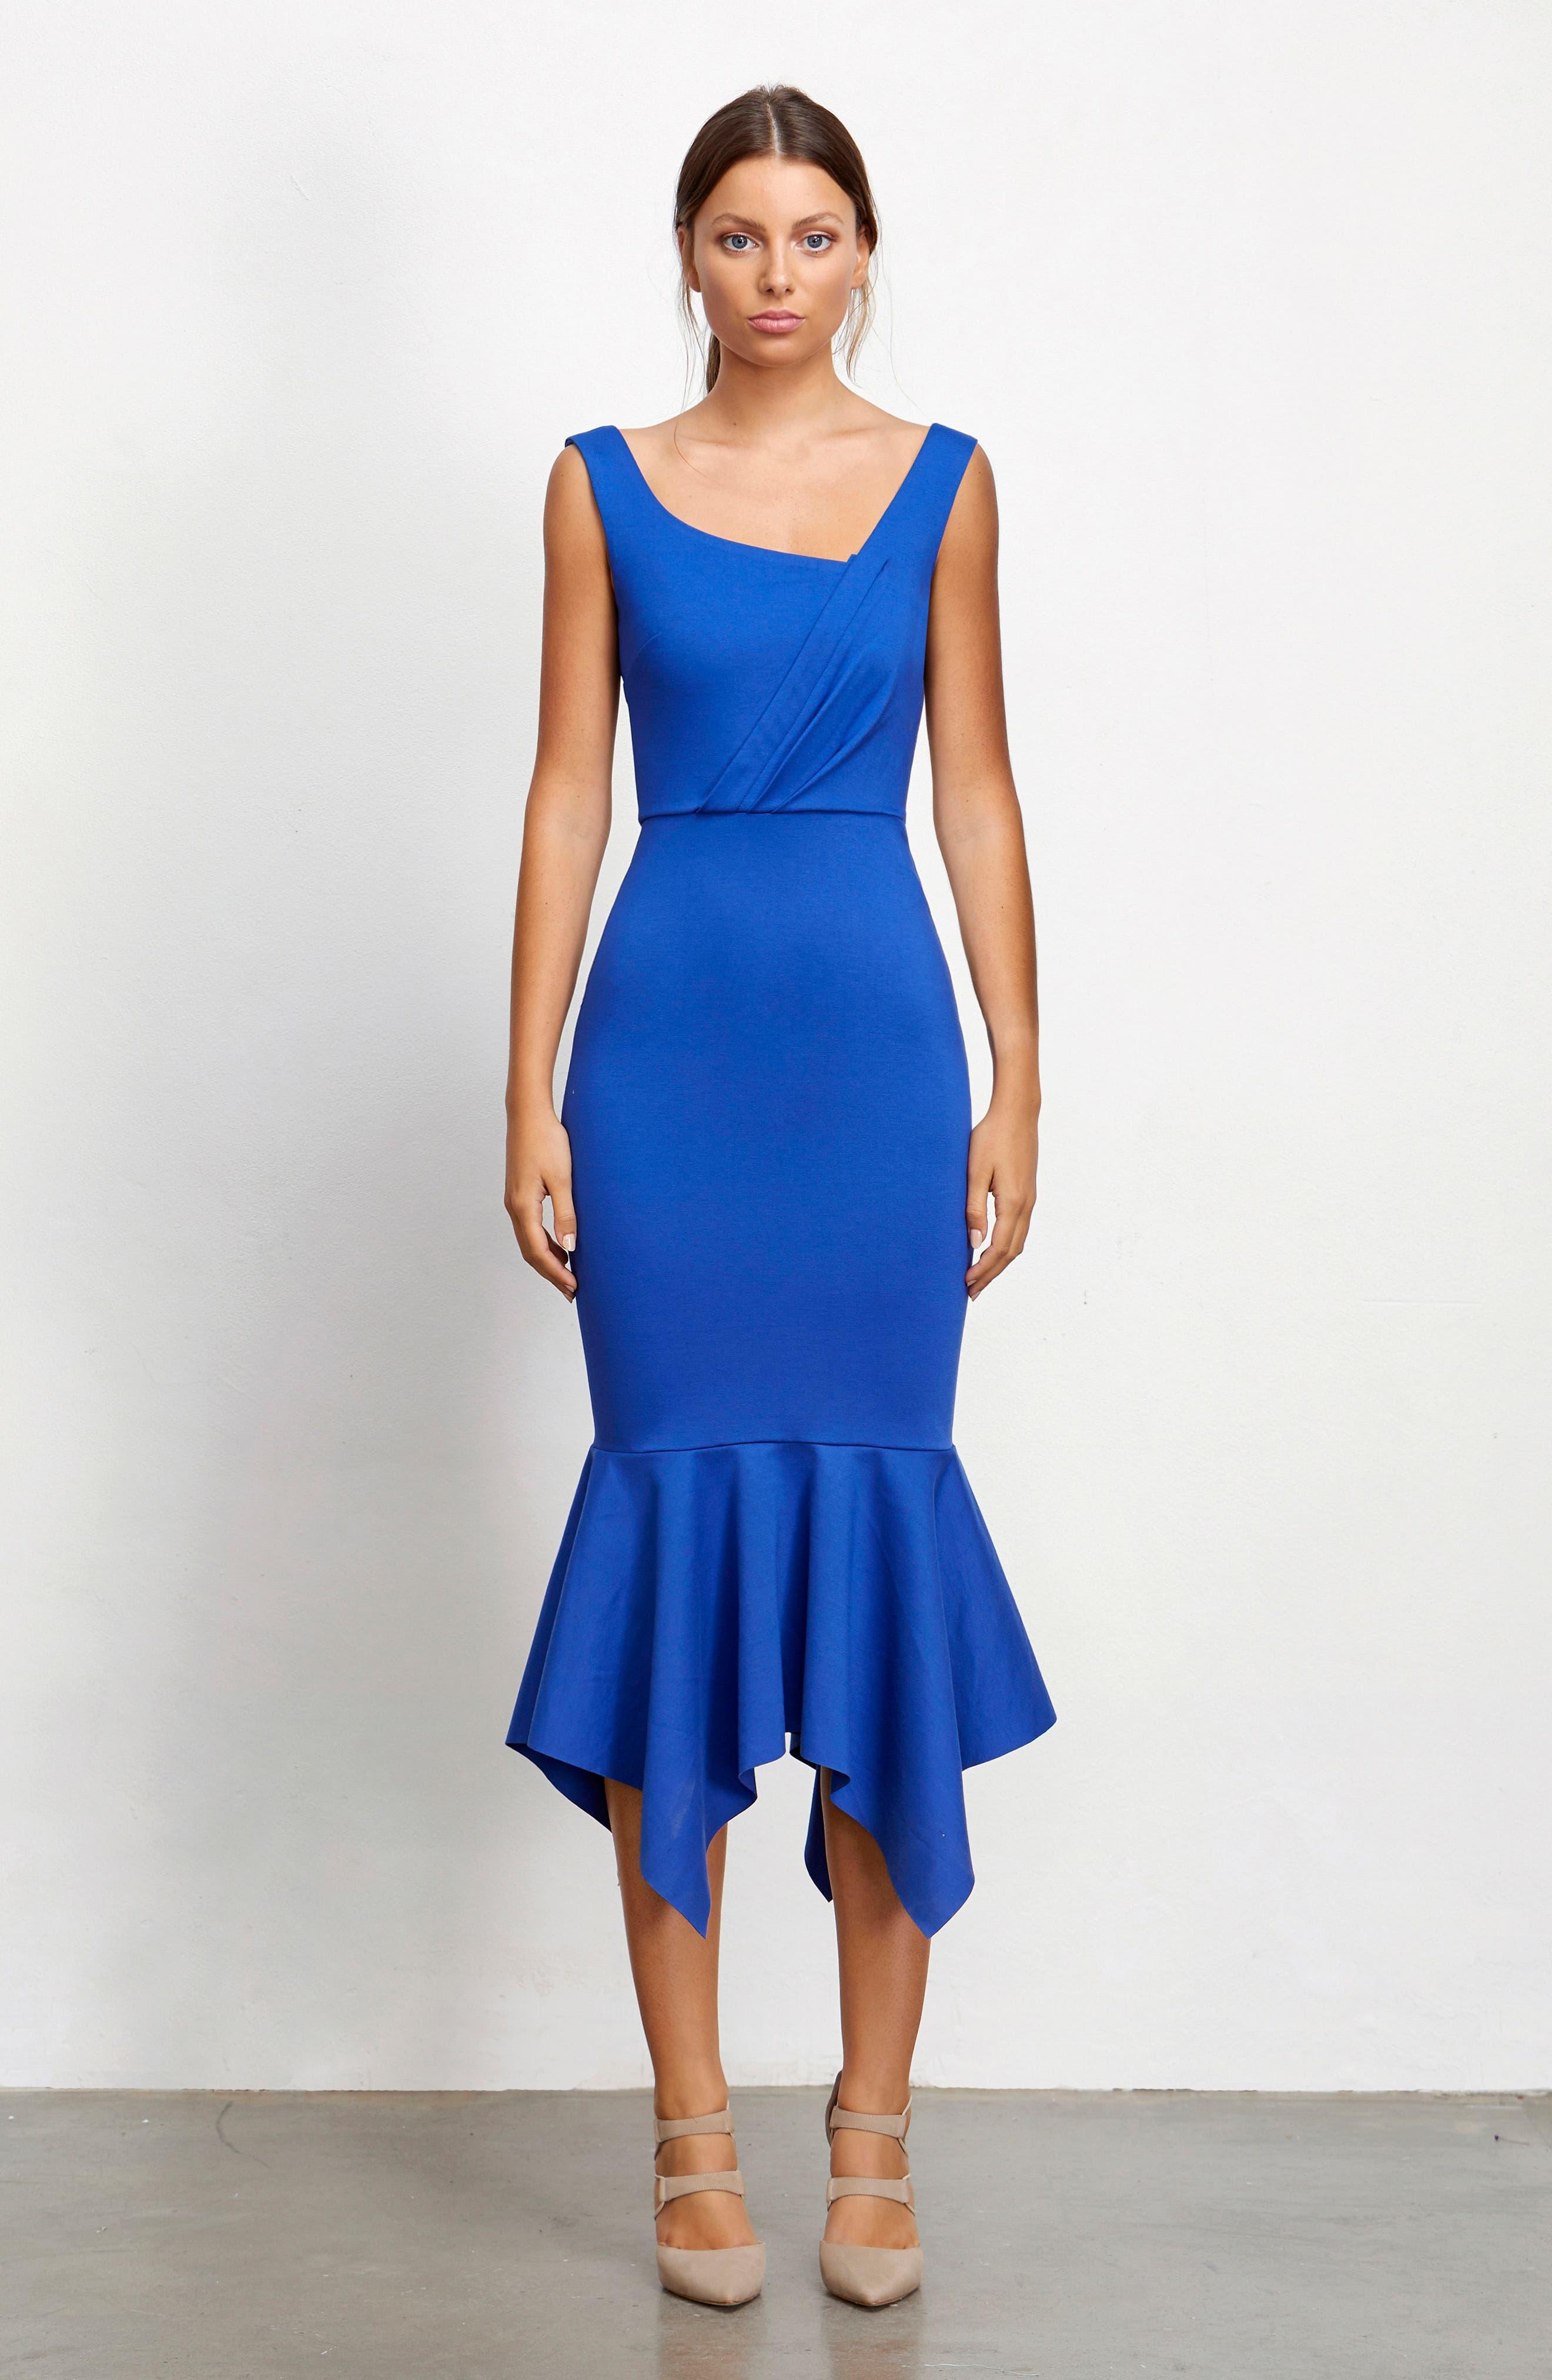 Viola Asymmetrical Dress,                             Alternate thumbnail 8, color,                             460